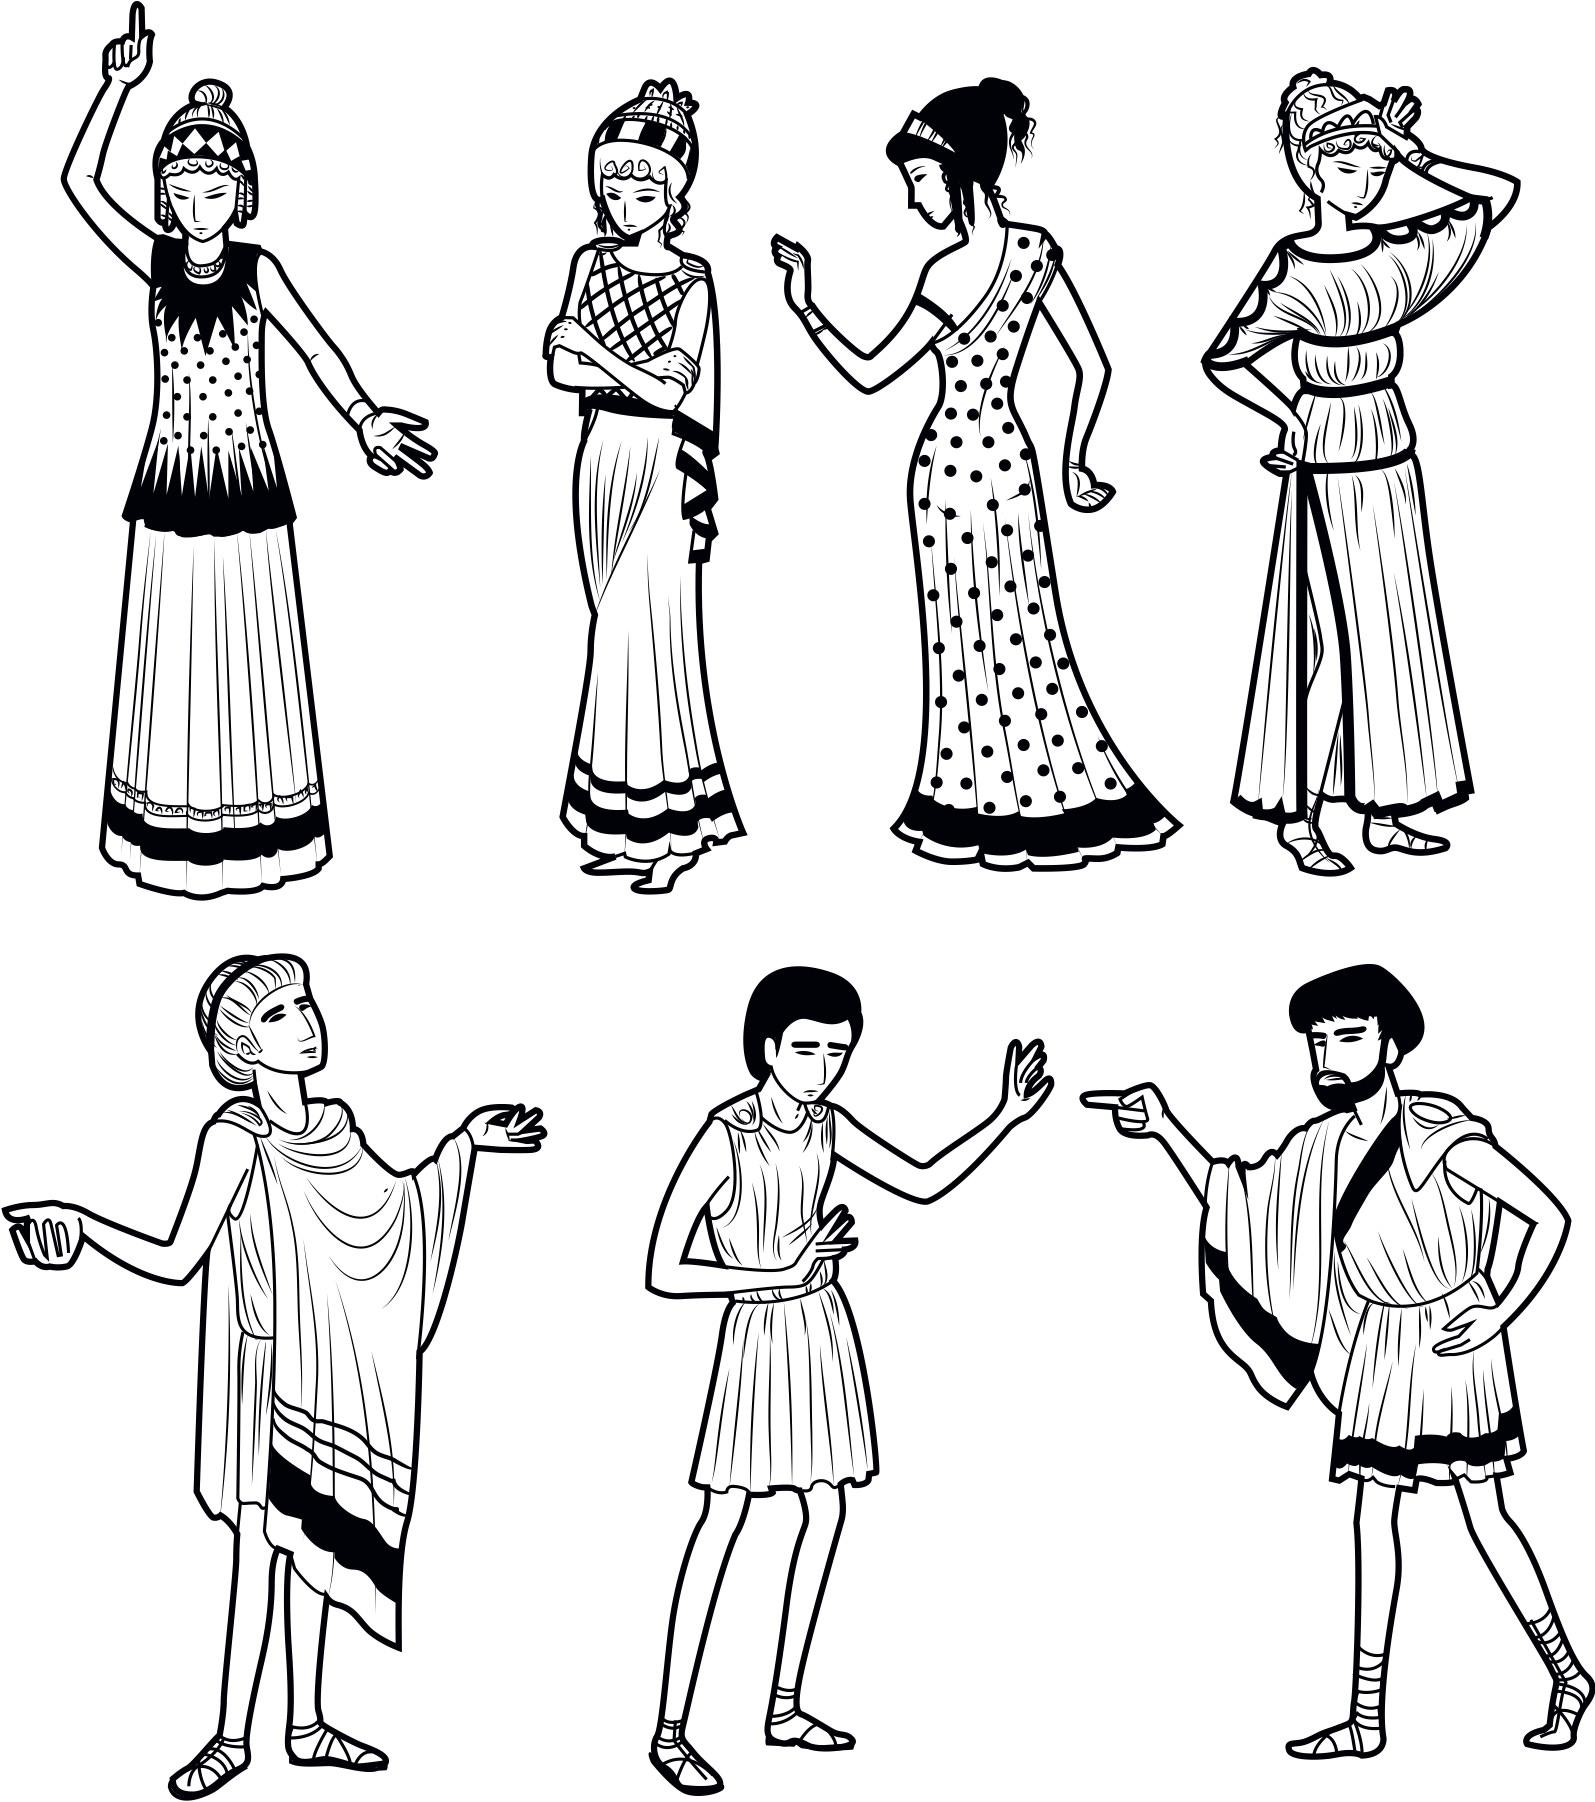 tragic-figures-in-greek-mythology